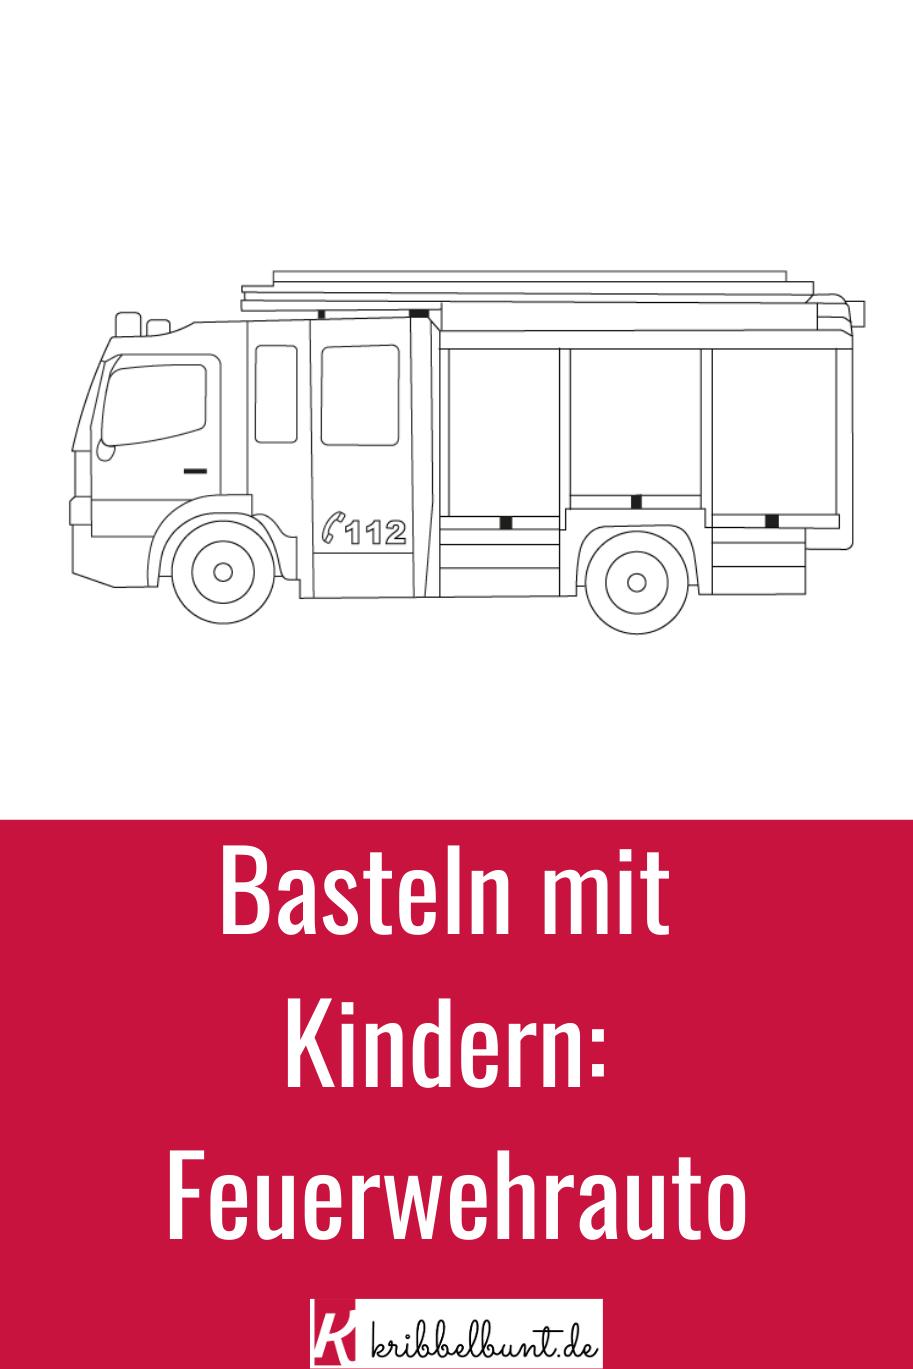 Malvorlage Feuerwehrauto  kribbelbunt.de  Ausmalbilder feuerwehr